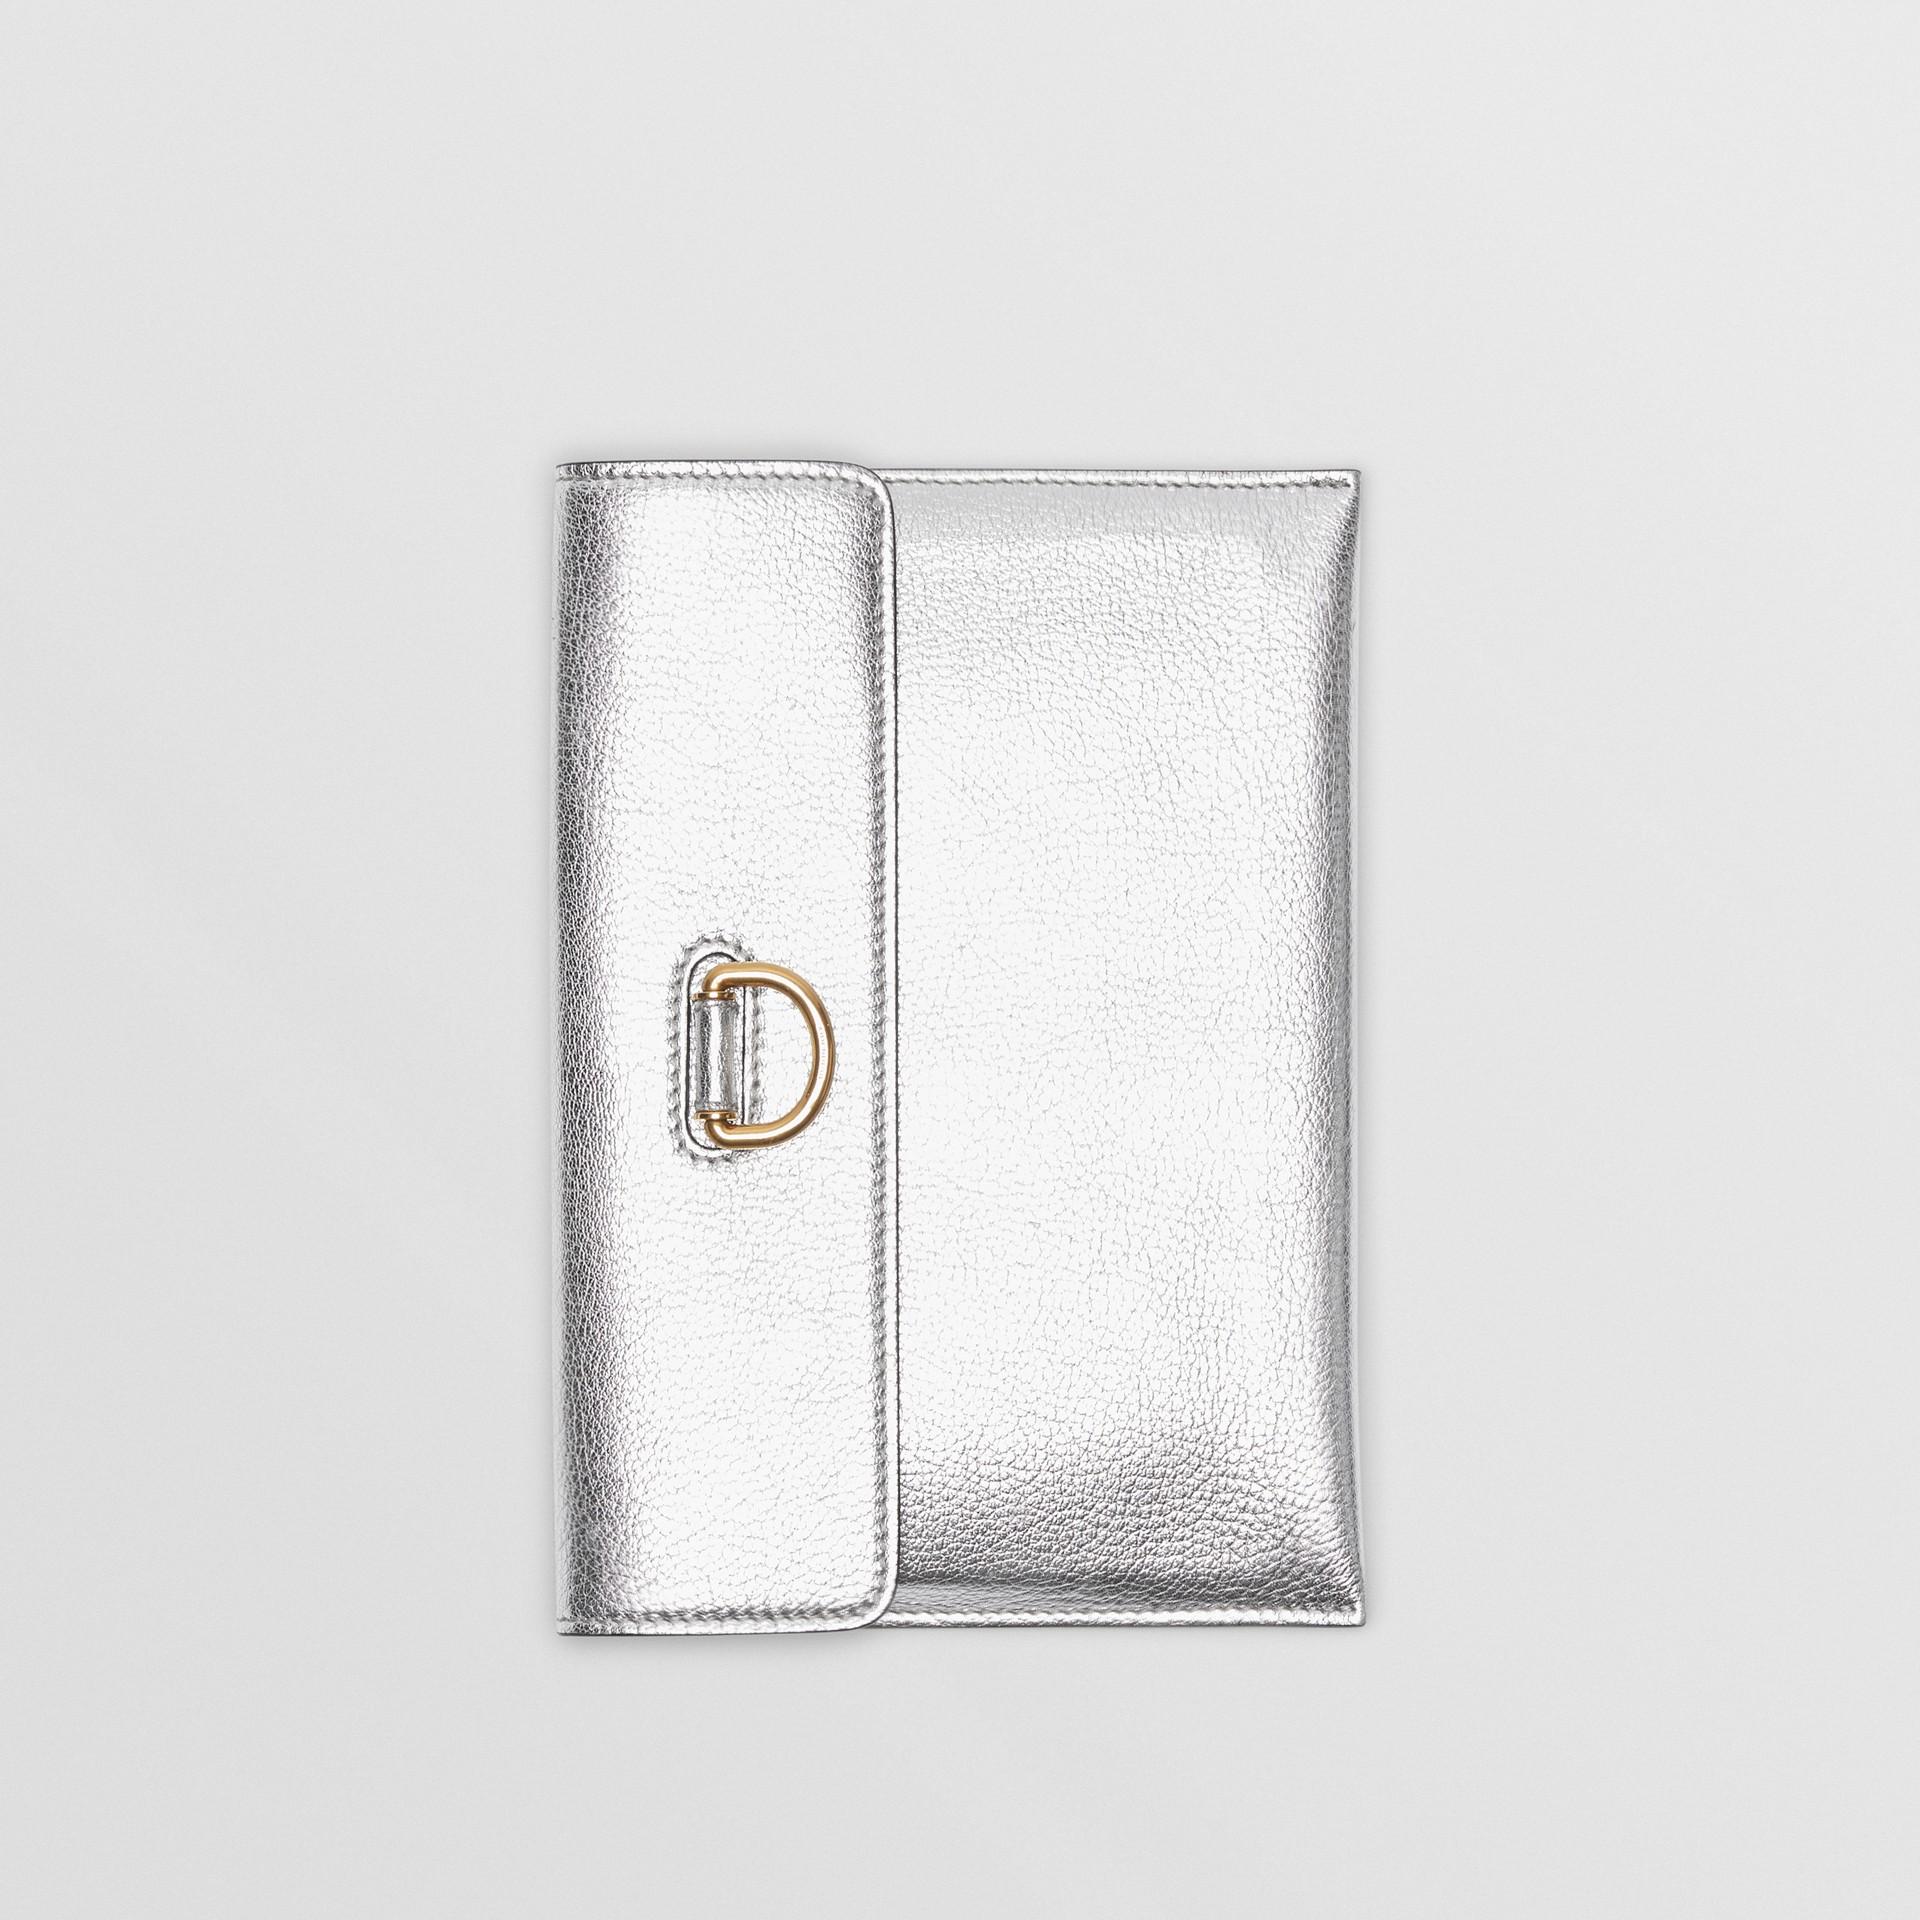 Bolsa pouch de couro metalizado com argola em D e porta-moedas (Prateado) - Mulheres | Burberry - galeria de imagens 4